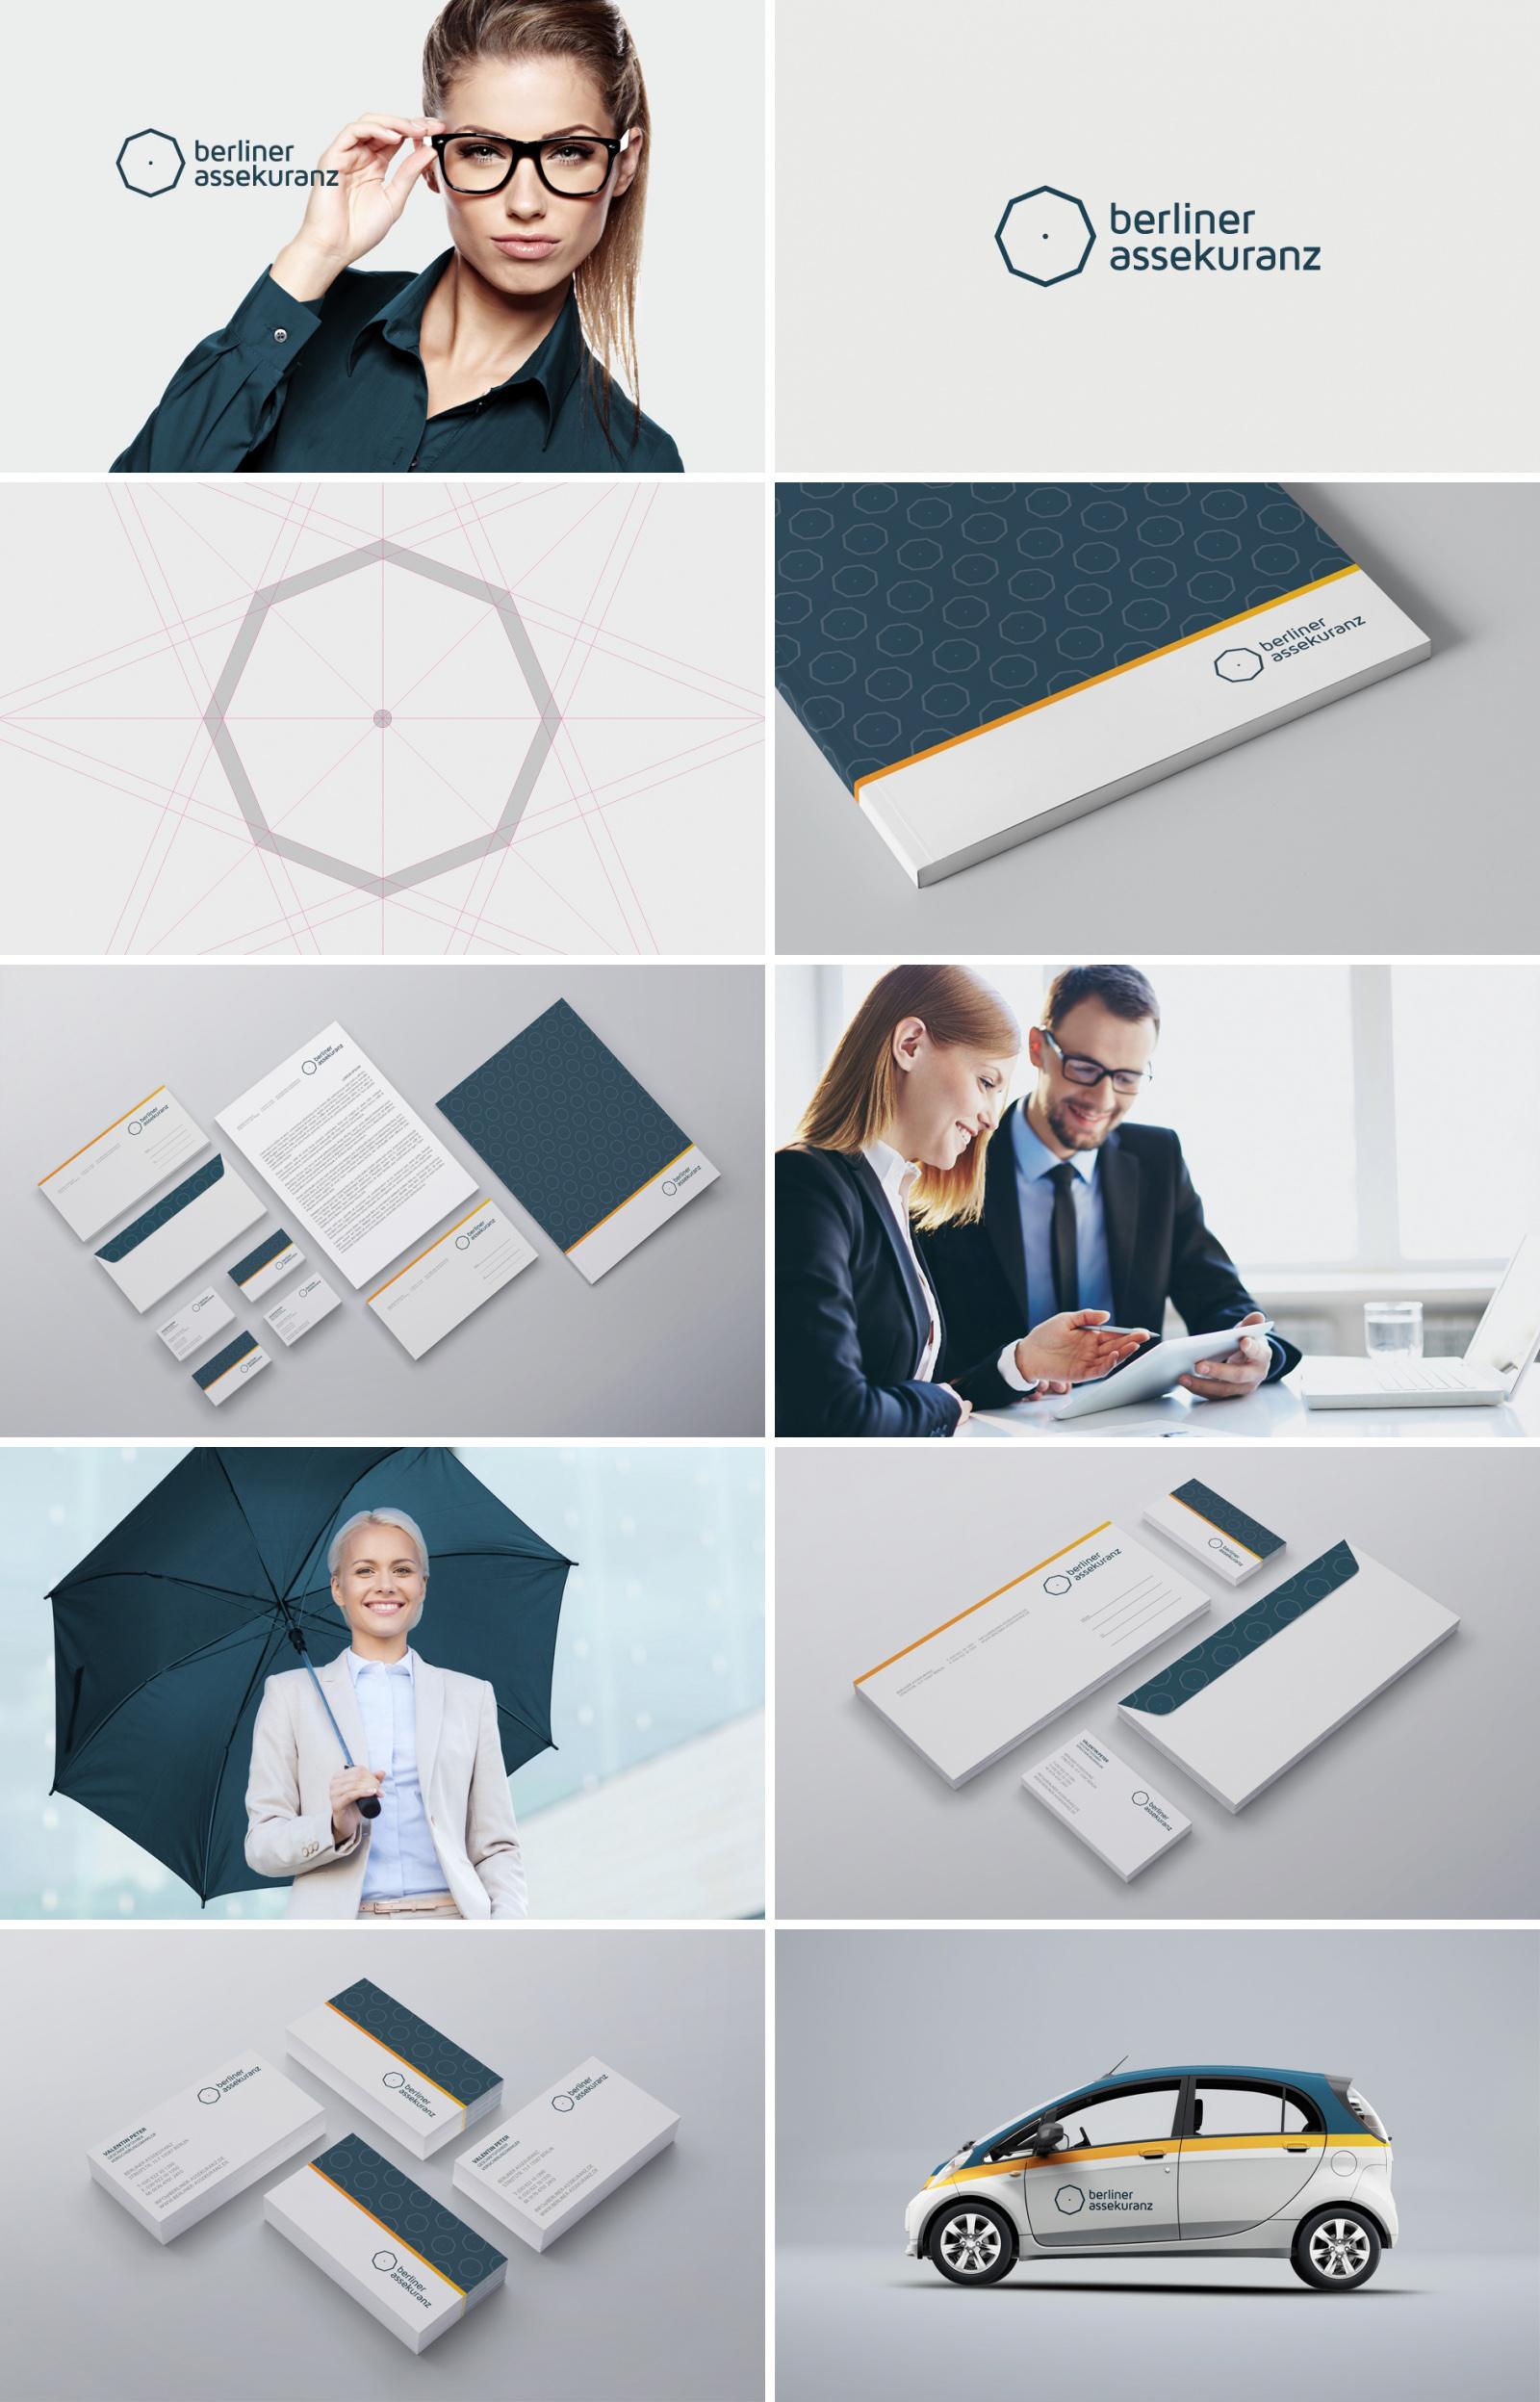 Фирменный стиль для страховой компании «Berliner Assekuranz»